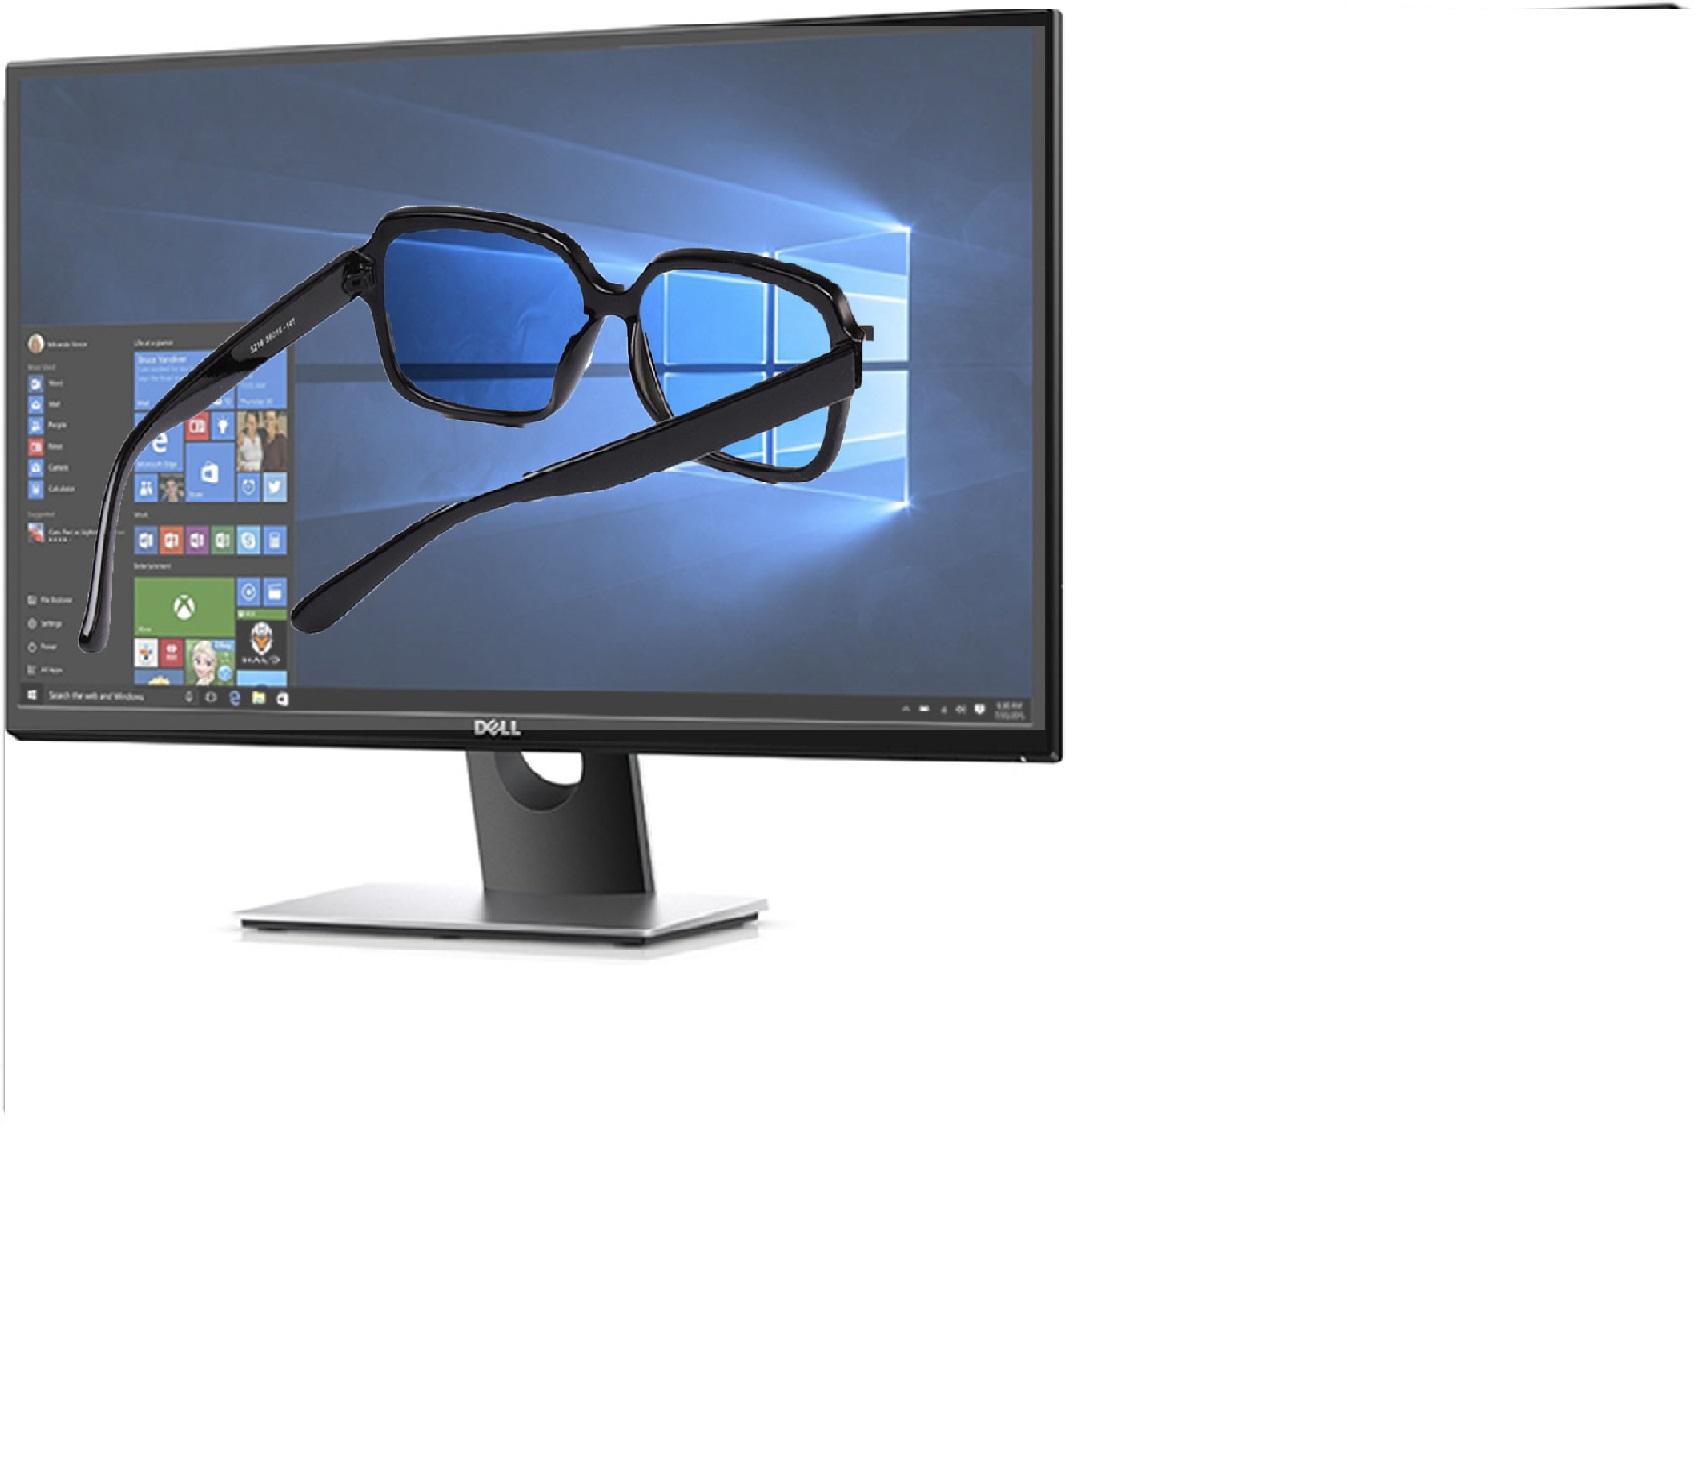 Mắt kính bảo vệ giúp bạn đỡ đau mỏi mắt do màn hình quá sáng